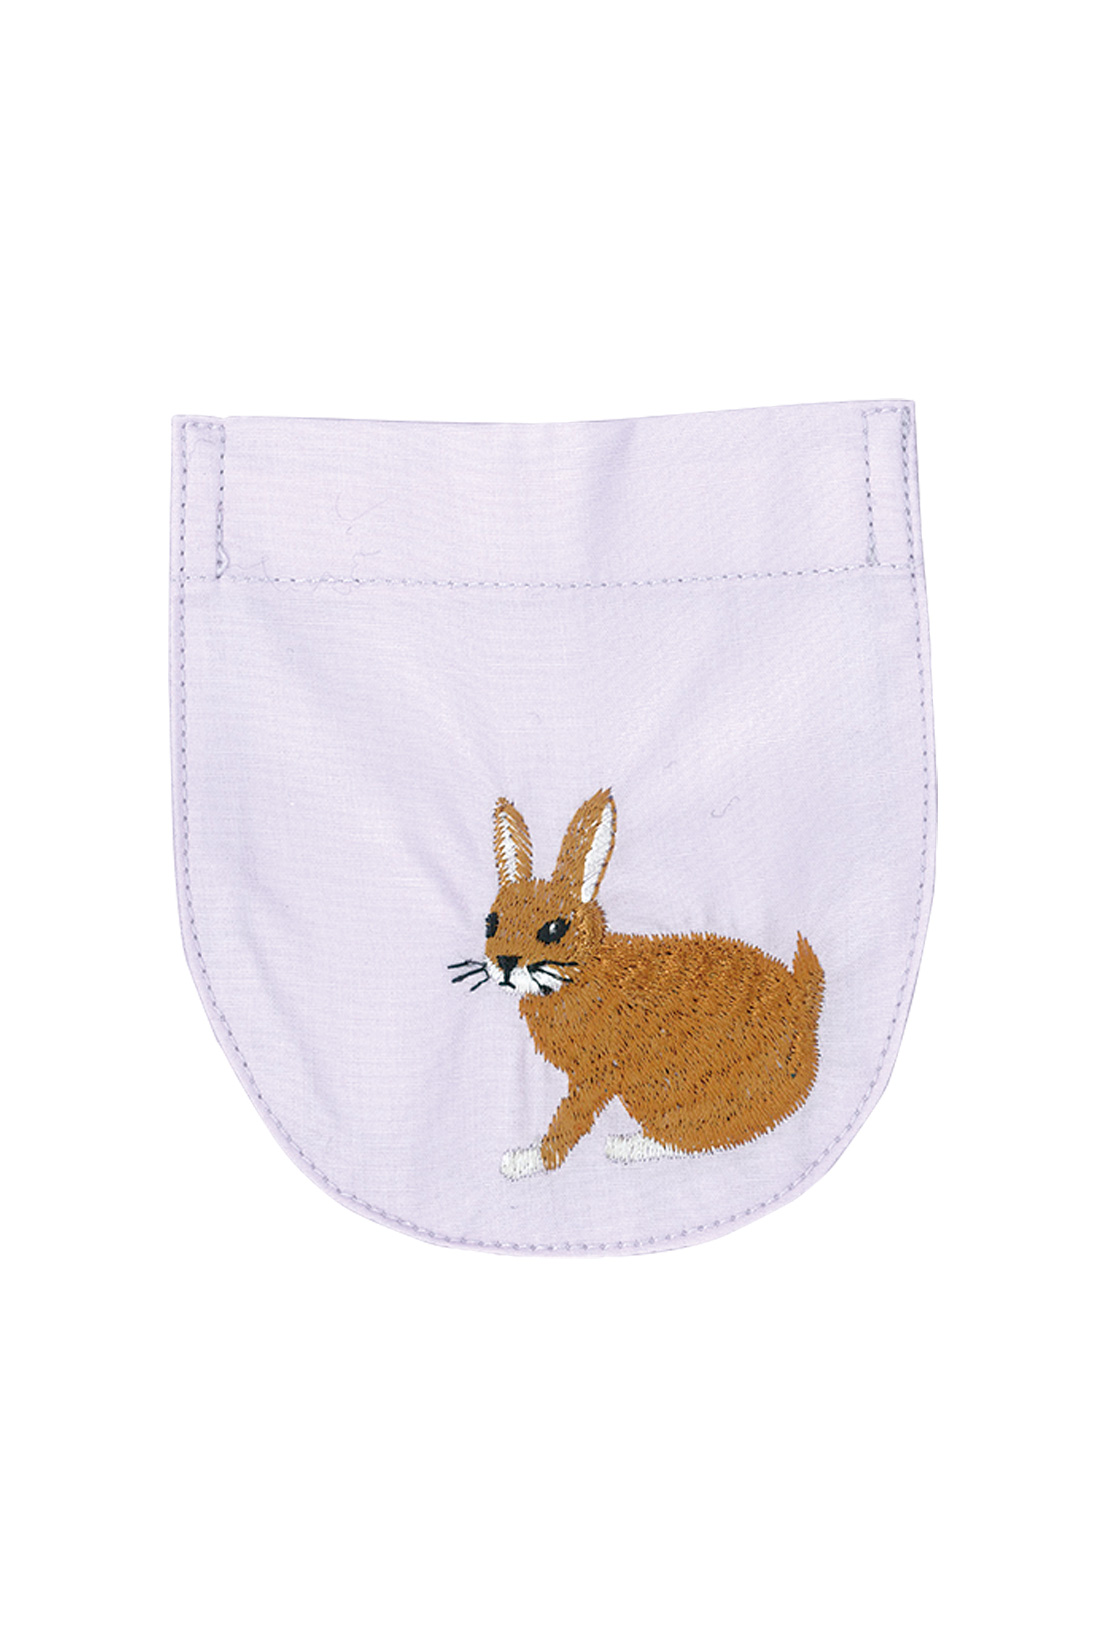 大好きなウサギの刺しゅうはモフモフの毛並みにこだわり。